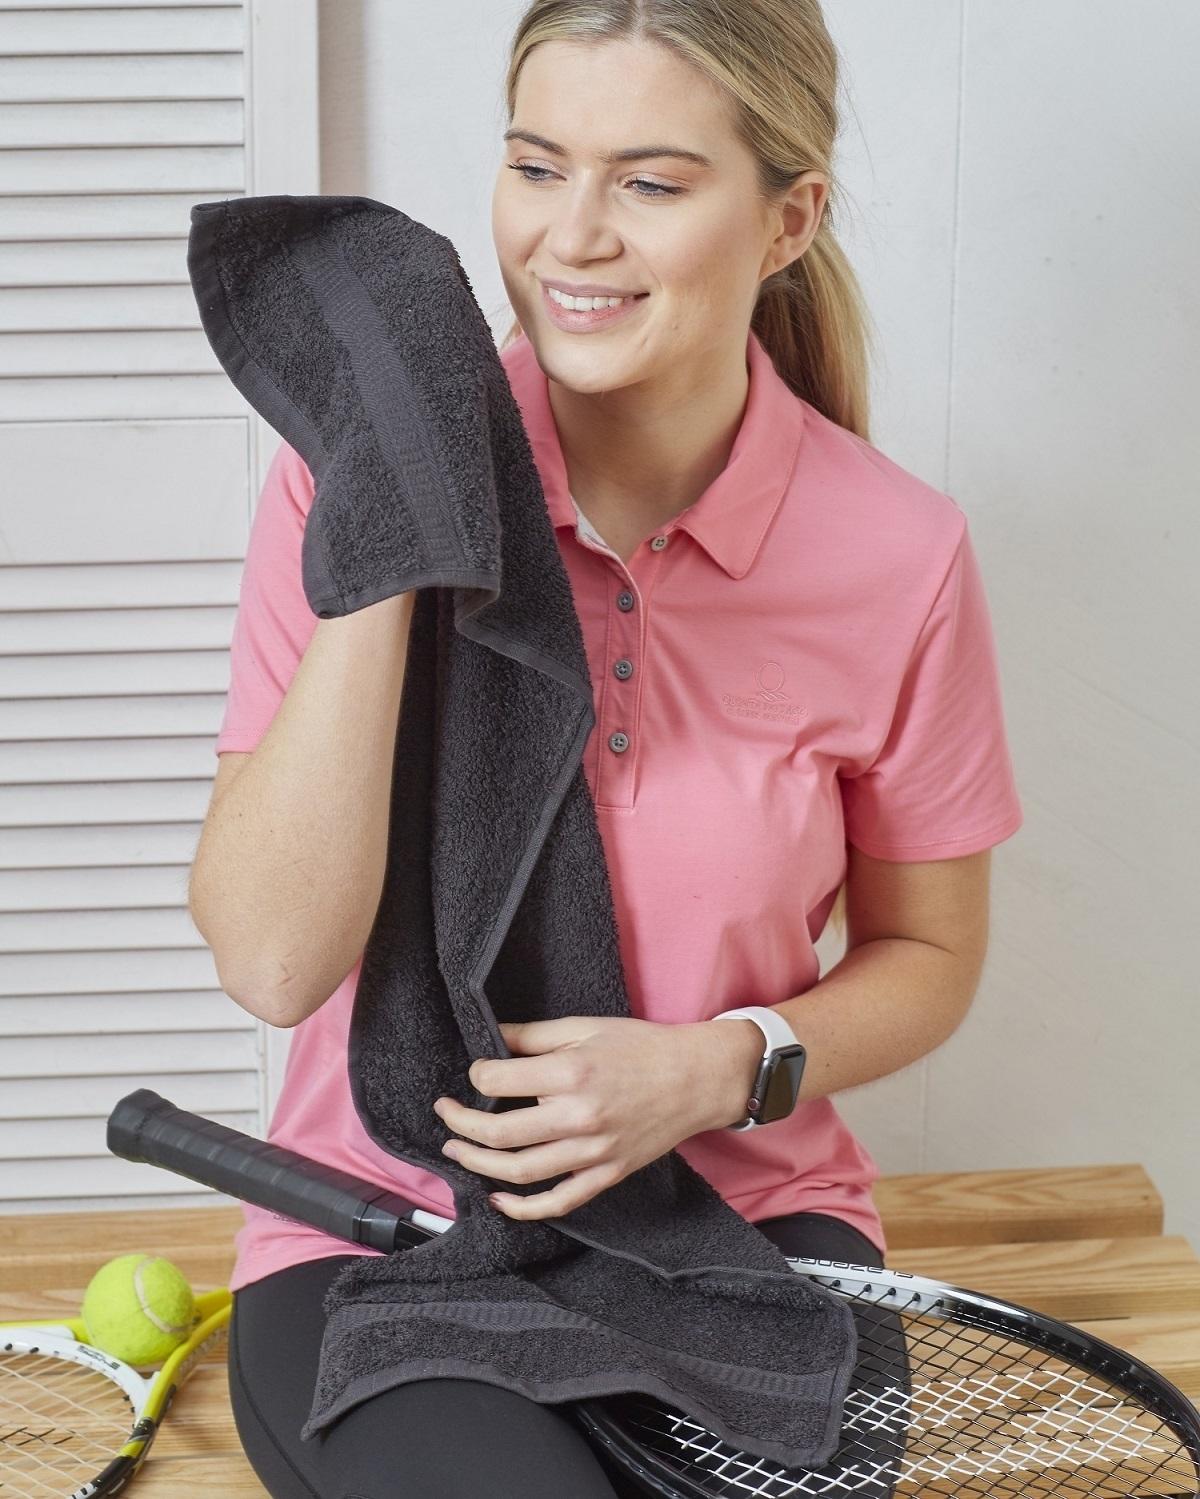 tennis_black19.jpg-1500.jpg